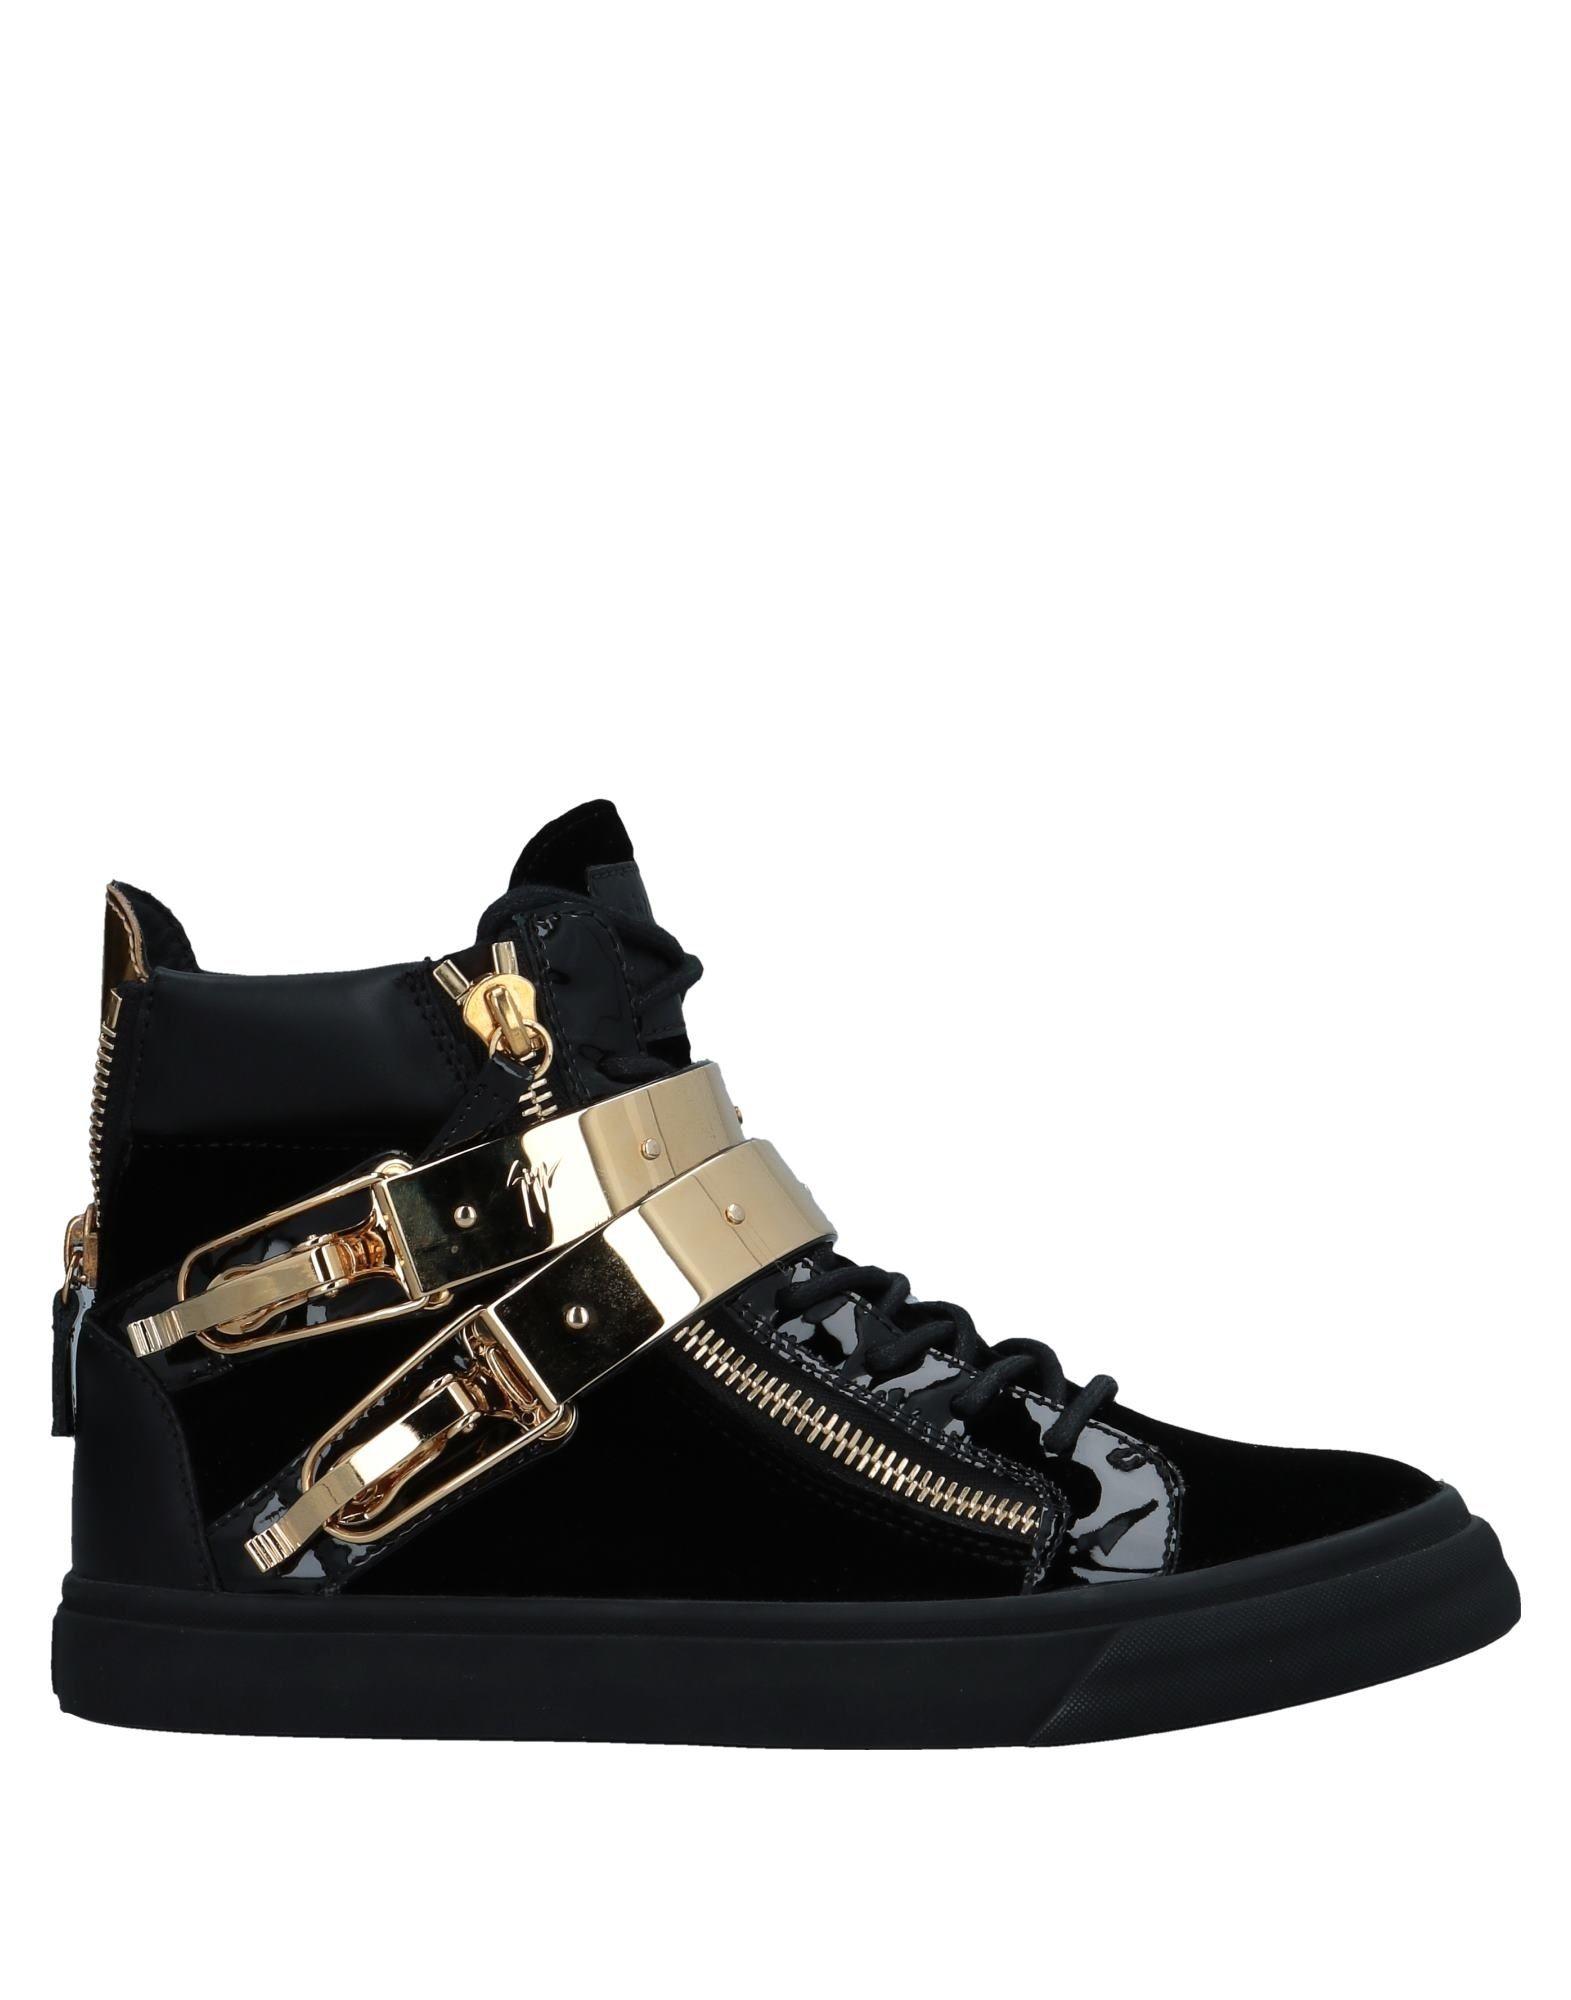 Giuseppe Zanotti Sneakers - Women on Giuseppe Zanotti Sneakers online on Women  Canada - 11526531AQ c77106